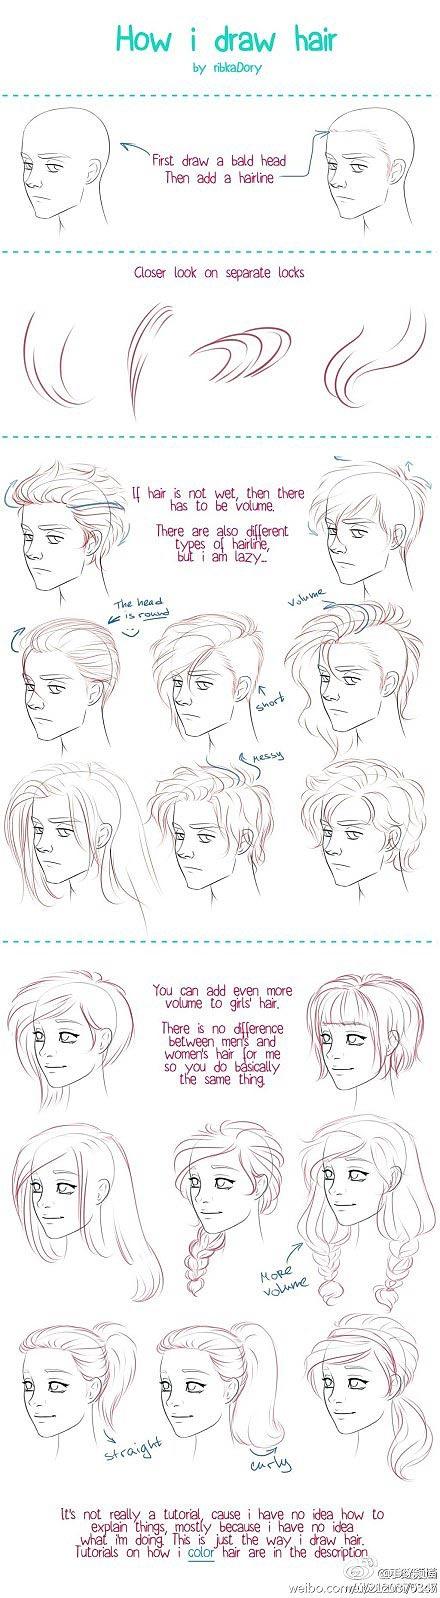 การวาดการ์ตูนรูปหน้าคน